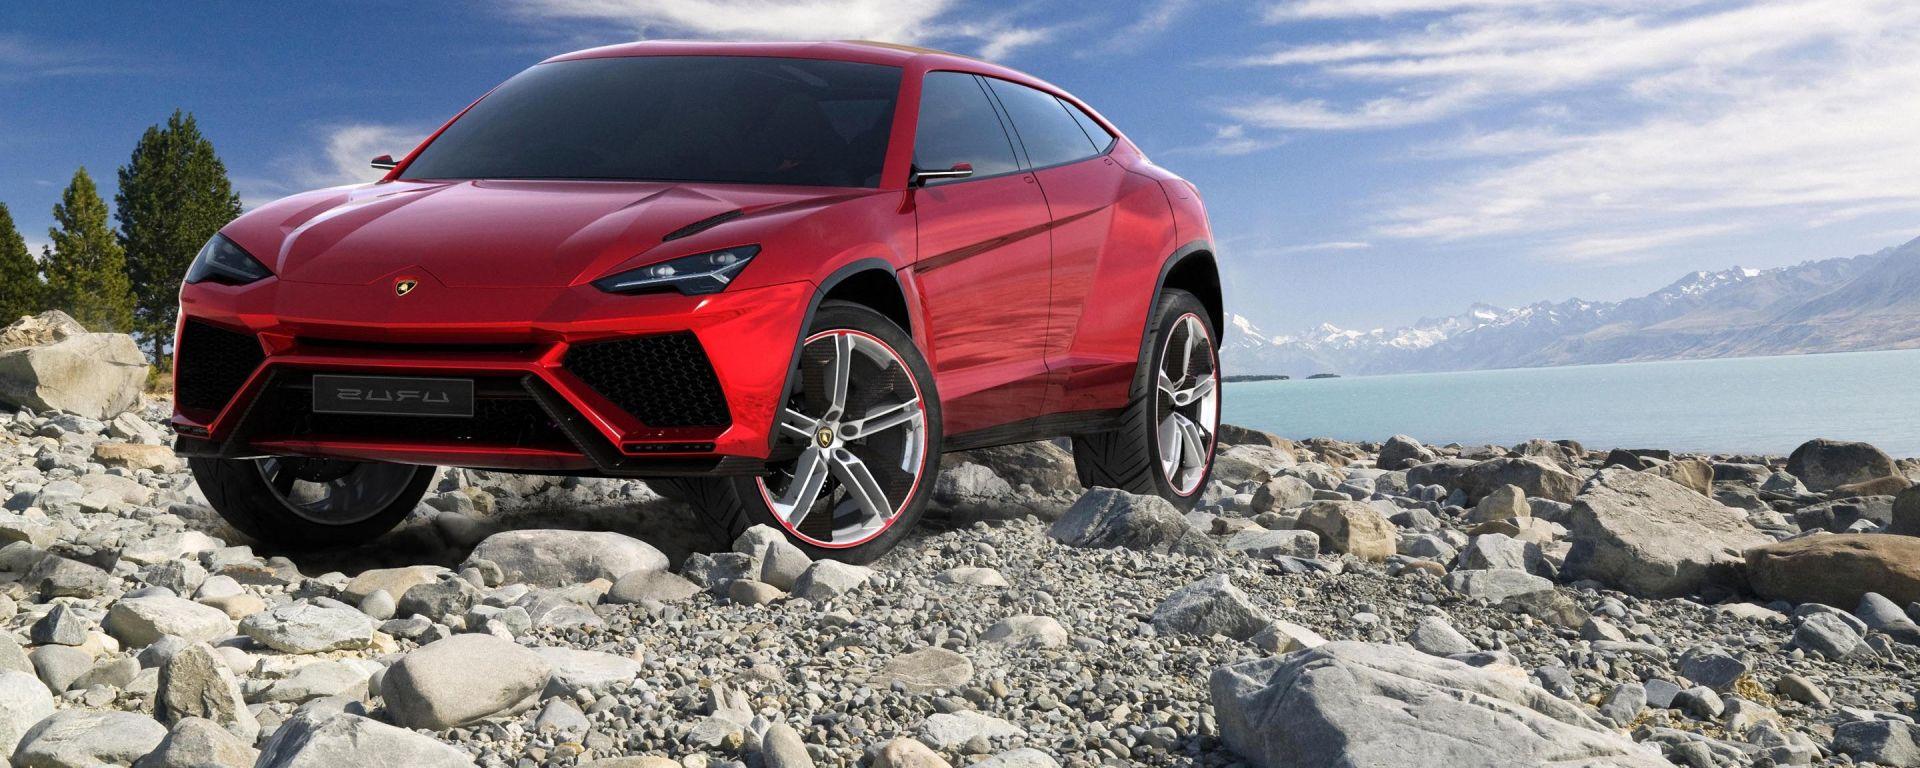 Lamborghini Urus: la suv del Toro arriverà nel 2018 e sarà mossa da una motorizzazione ibrida